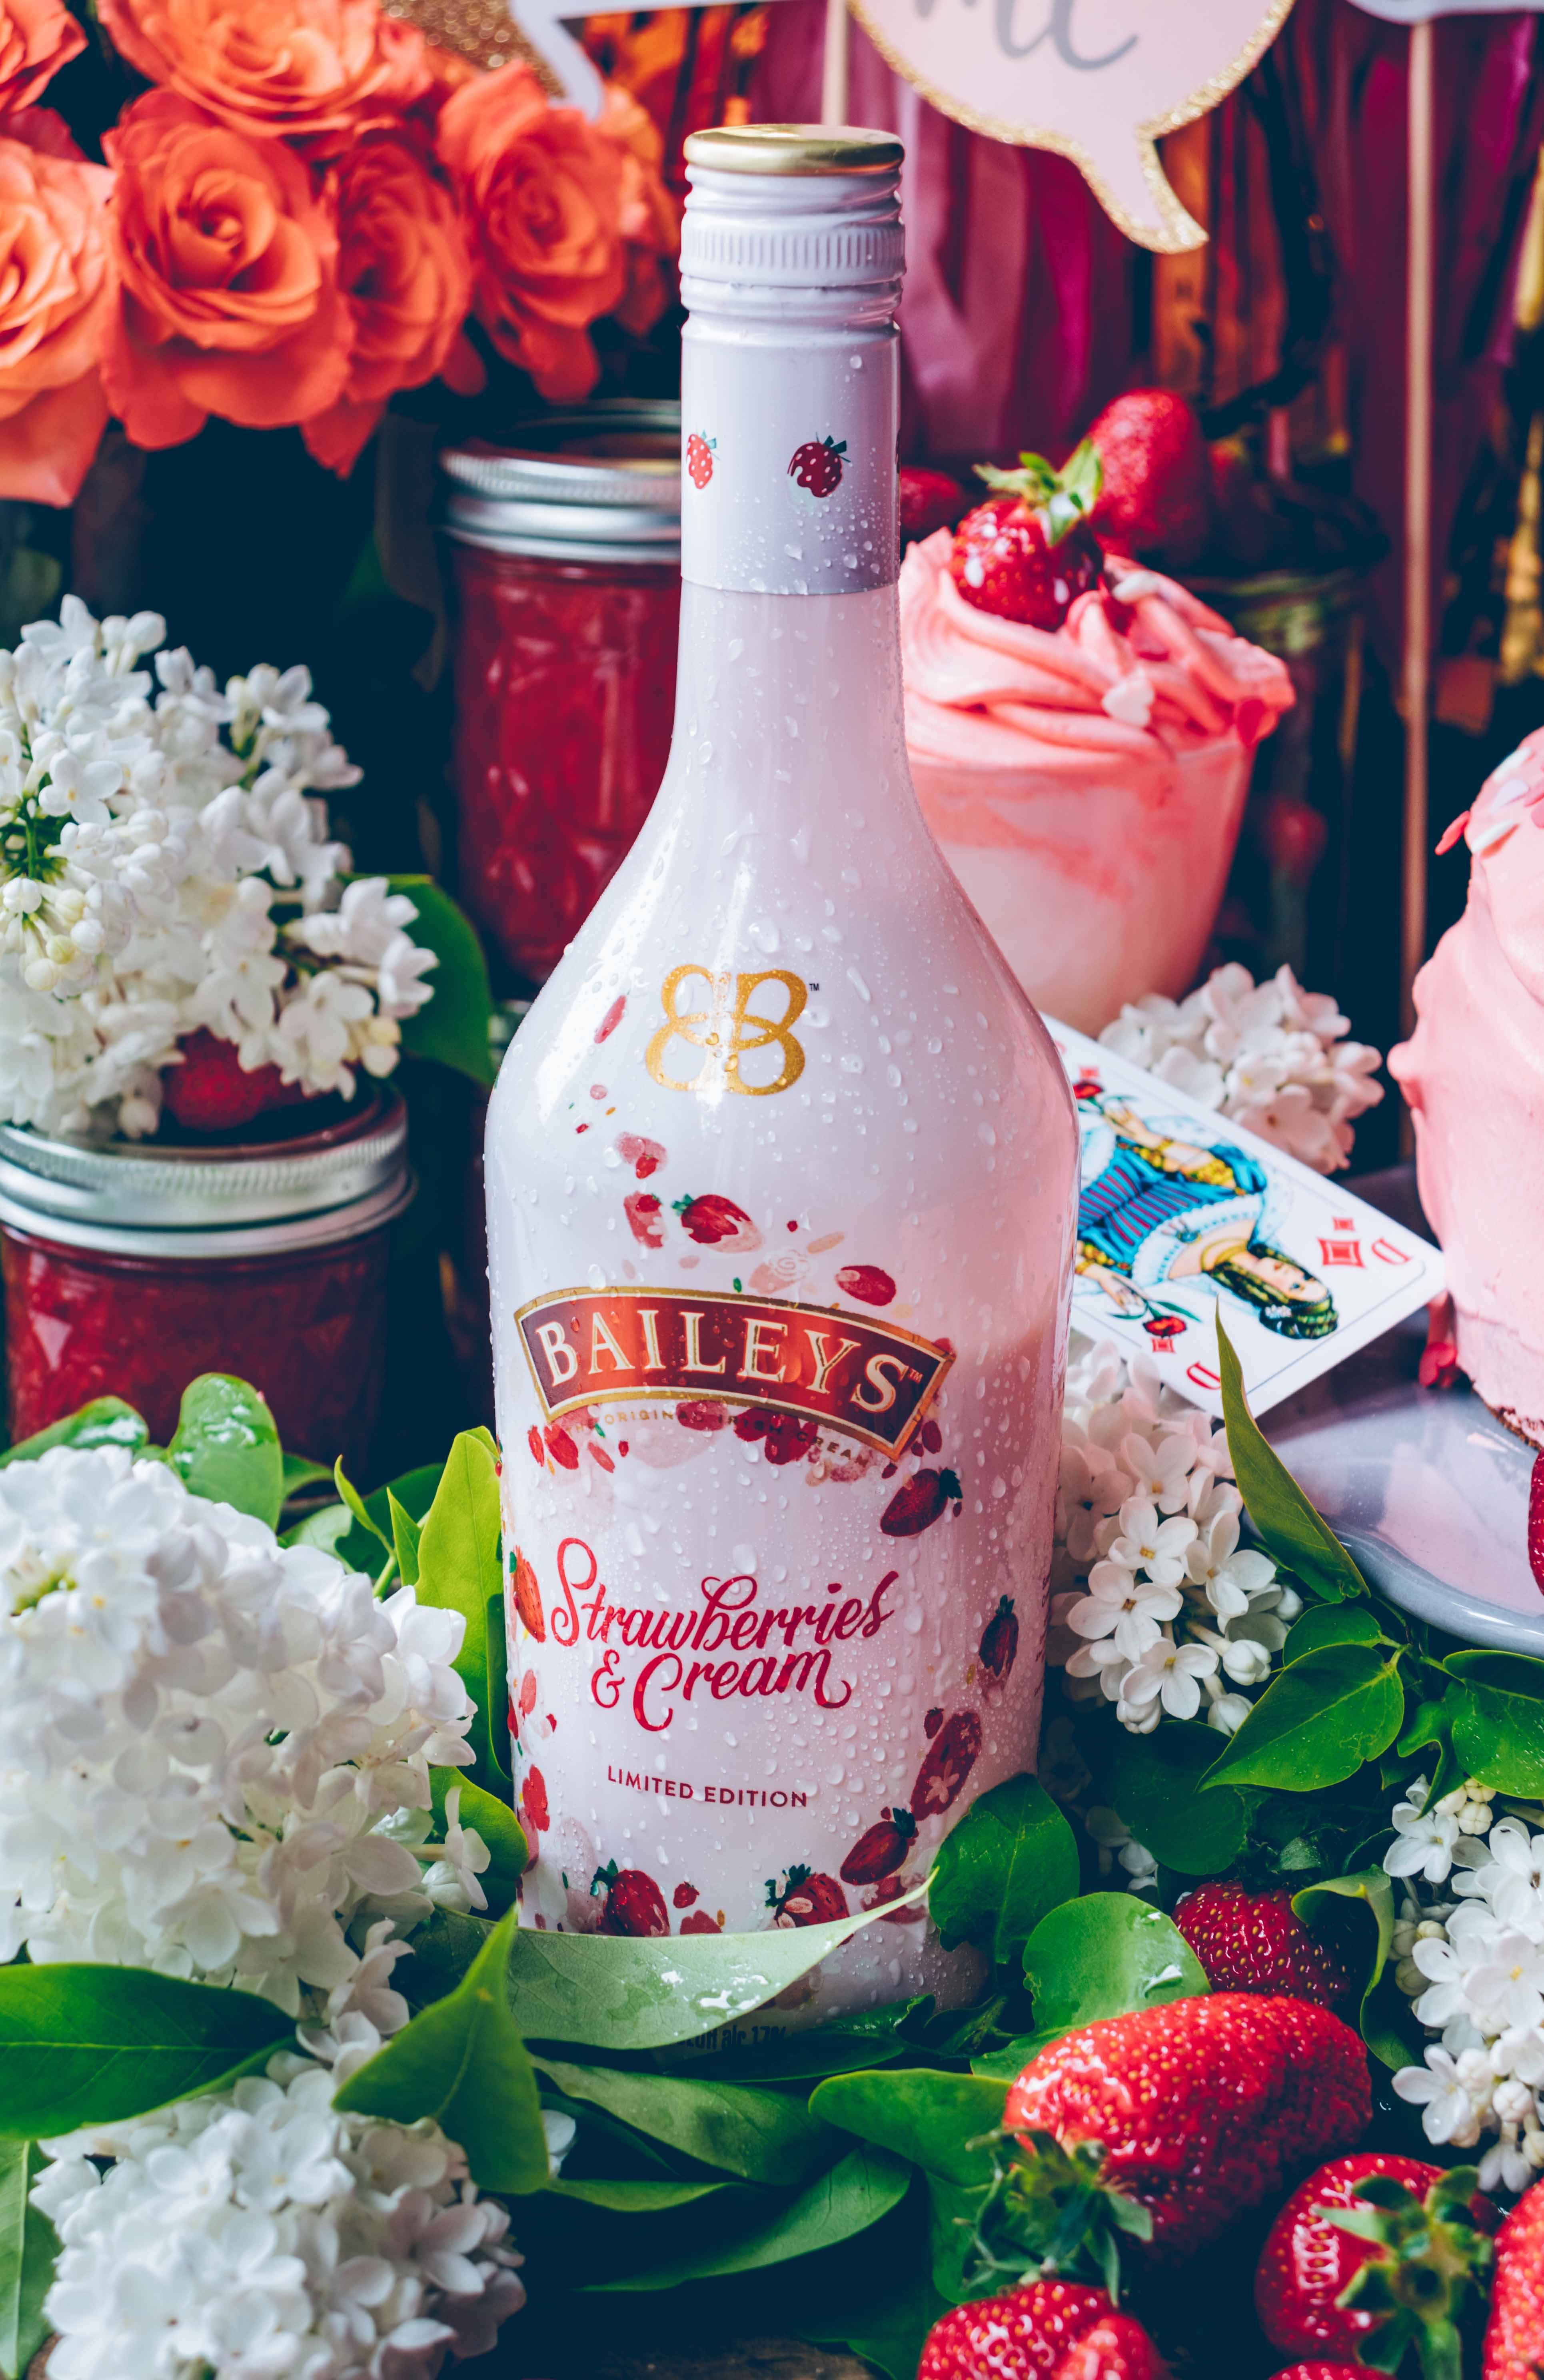 Baileys Erdbeertorte